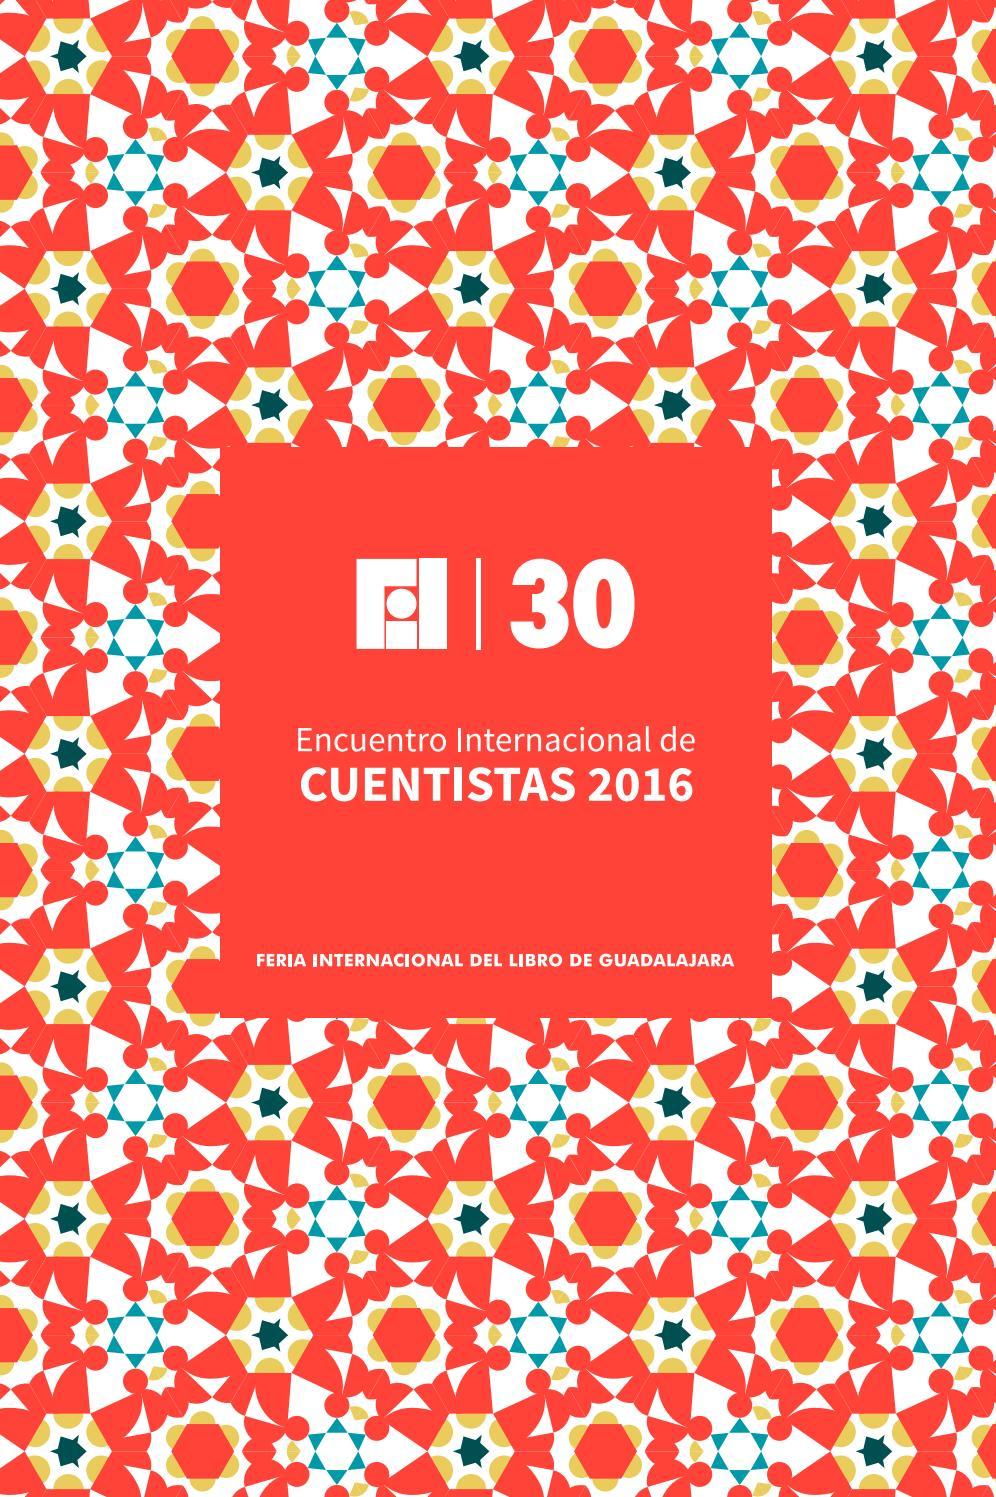 Fil Cuentistas 16 By Feria Internacional Del Libro De